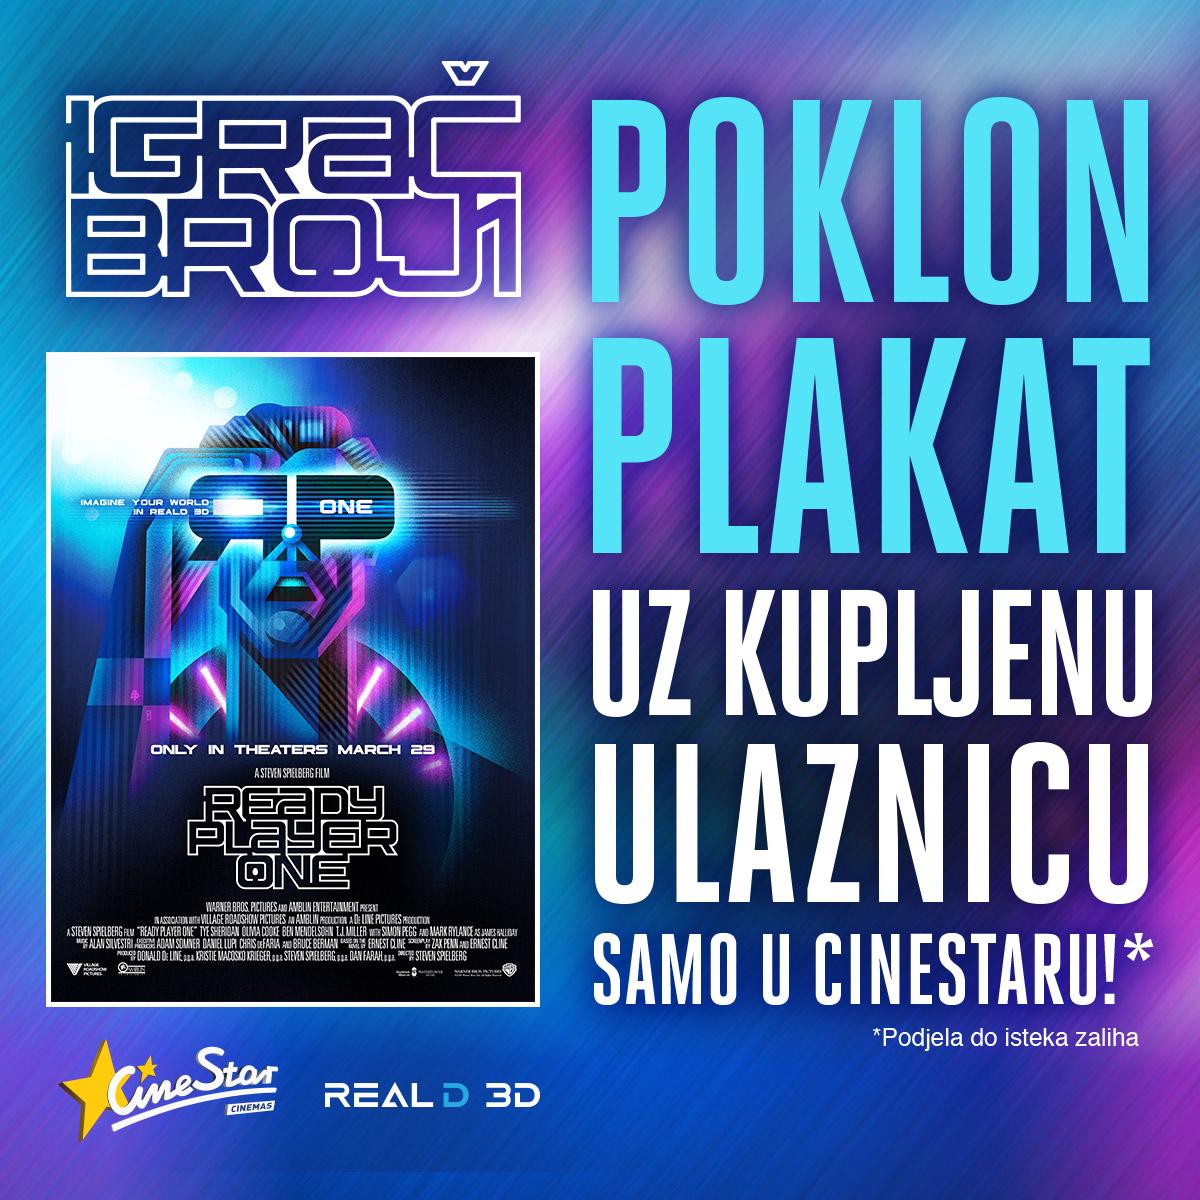 1200x1200_RPO_CineFan